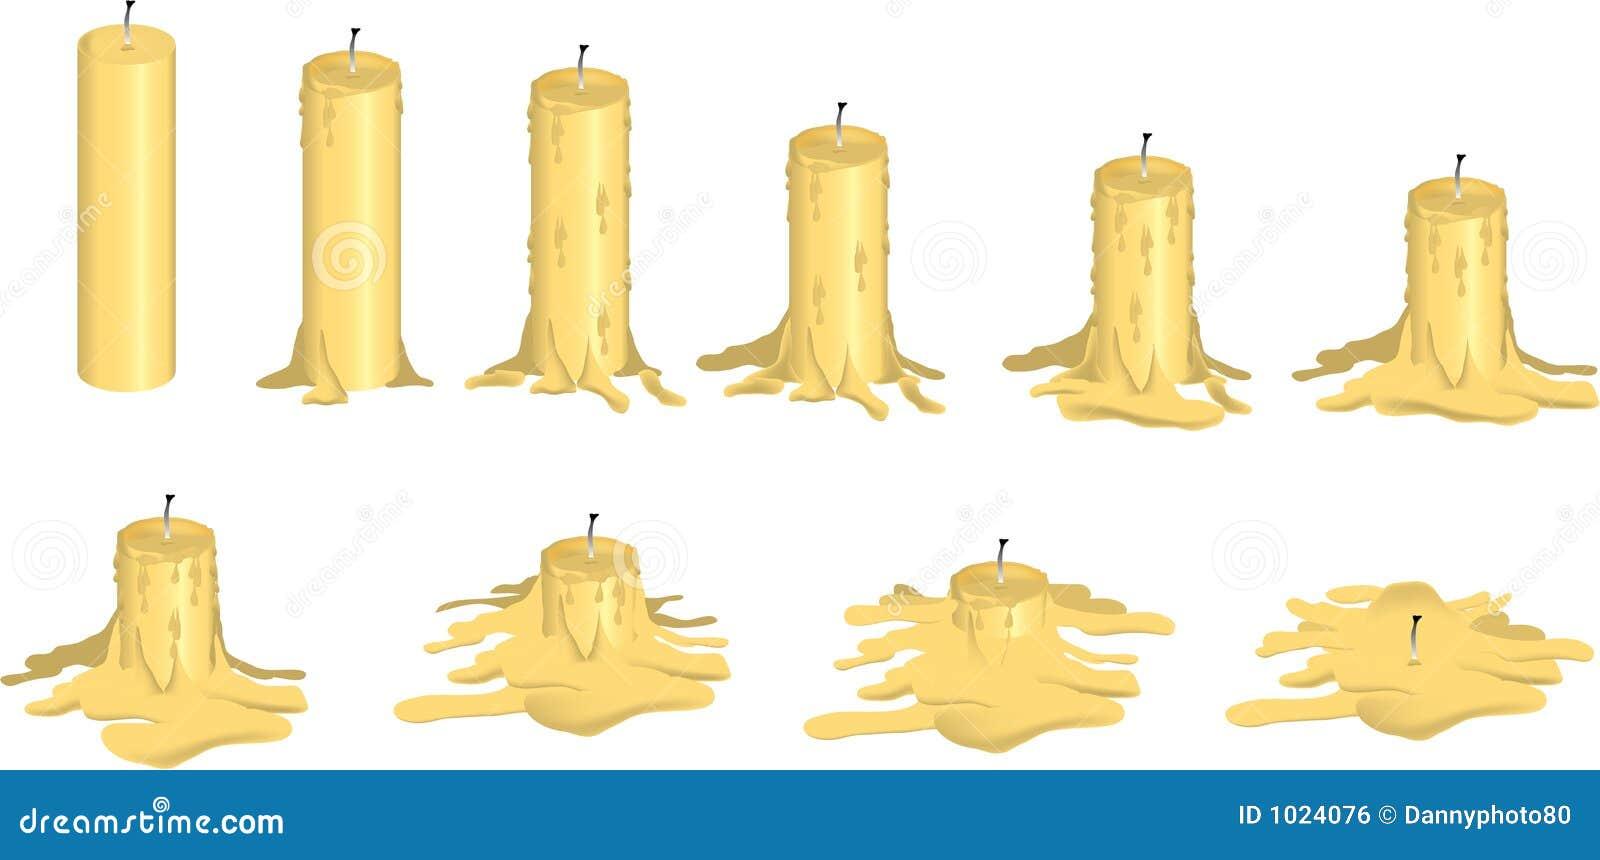 Melting Candle Royalty Free Stock Image - Image: 1024076